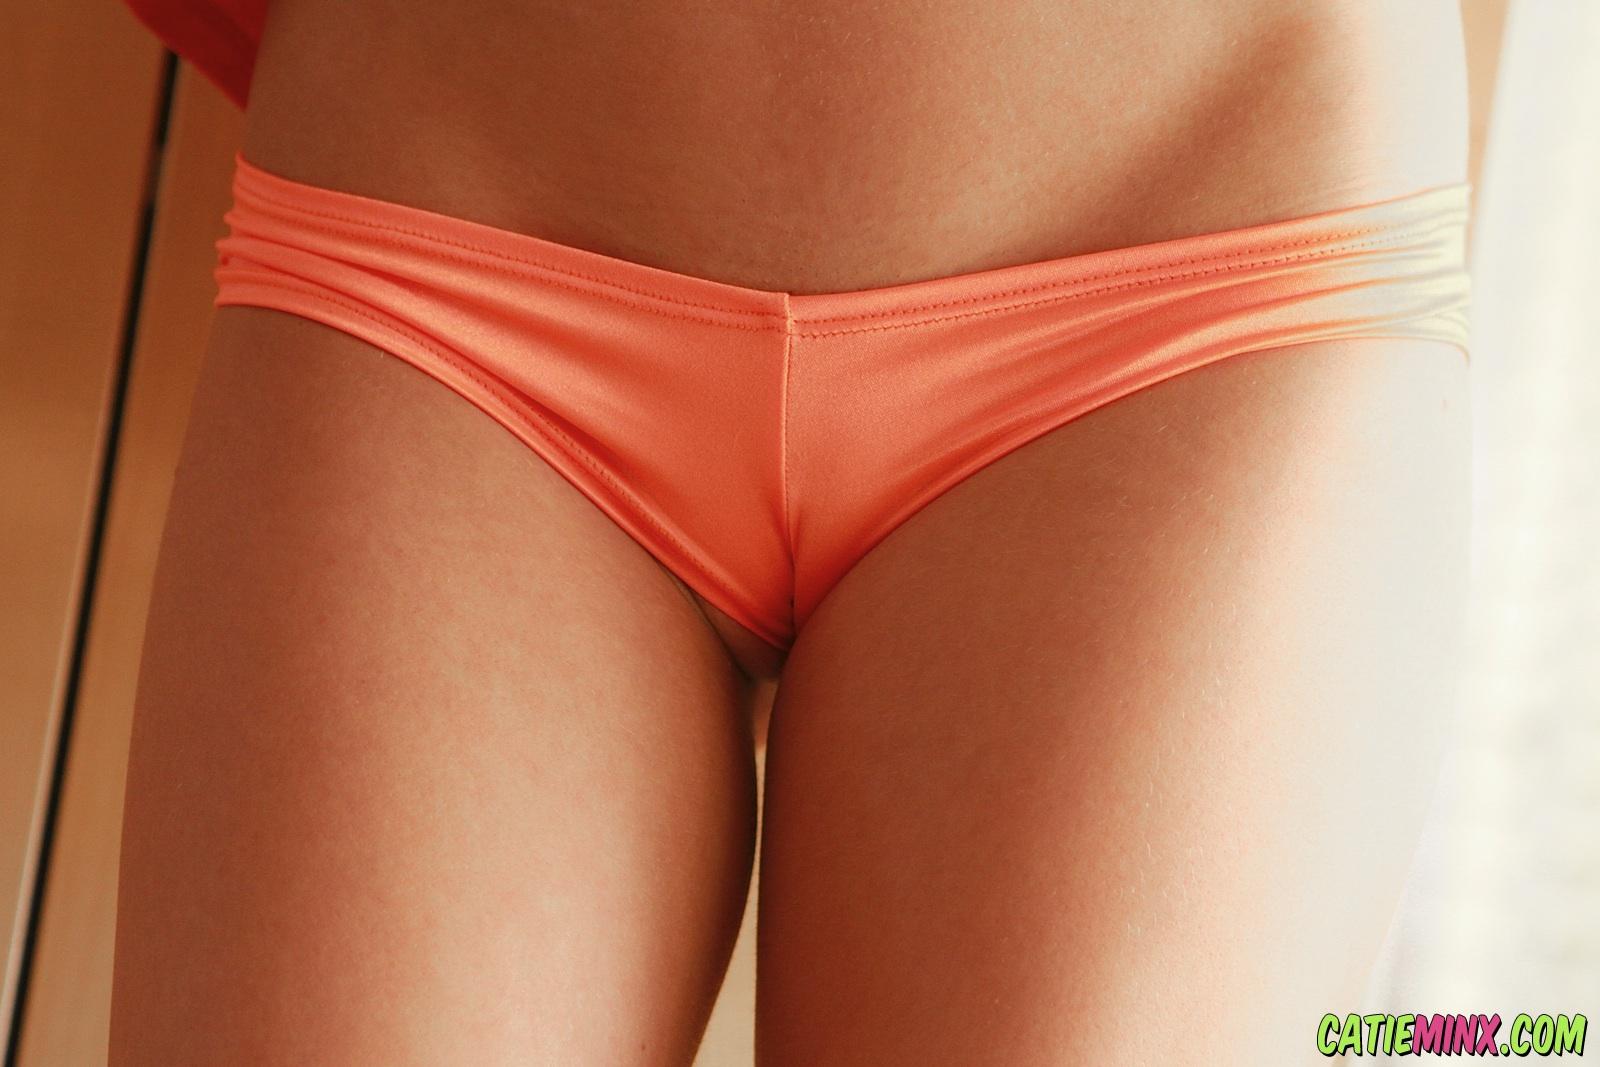 Фото блондинок в оранжевых трусиках 12 фотография